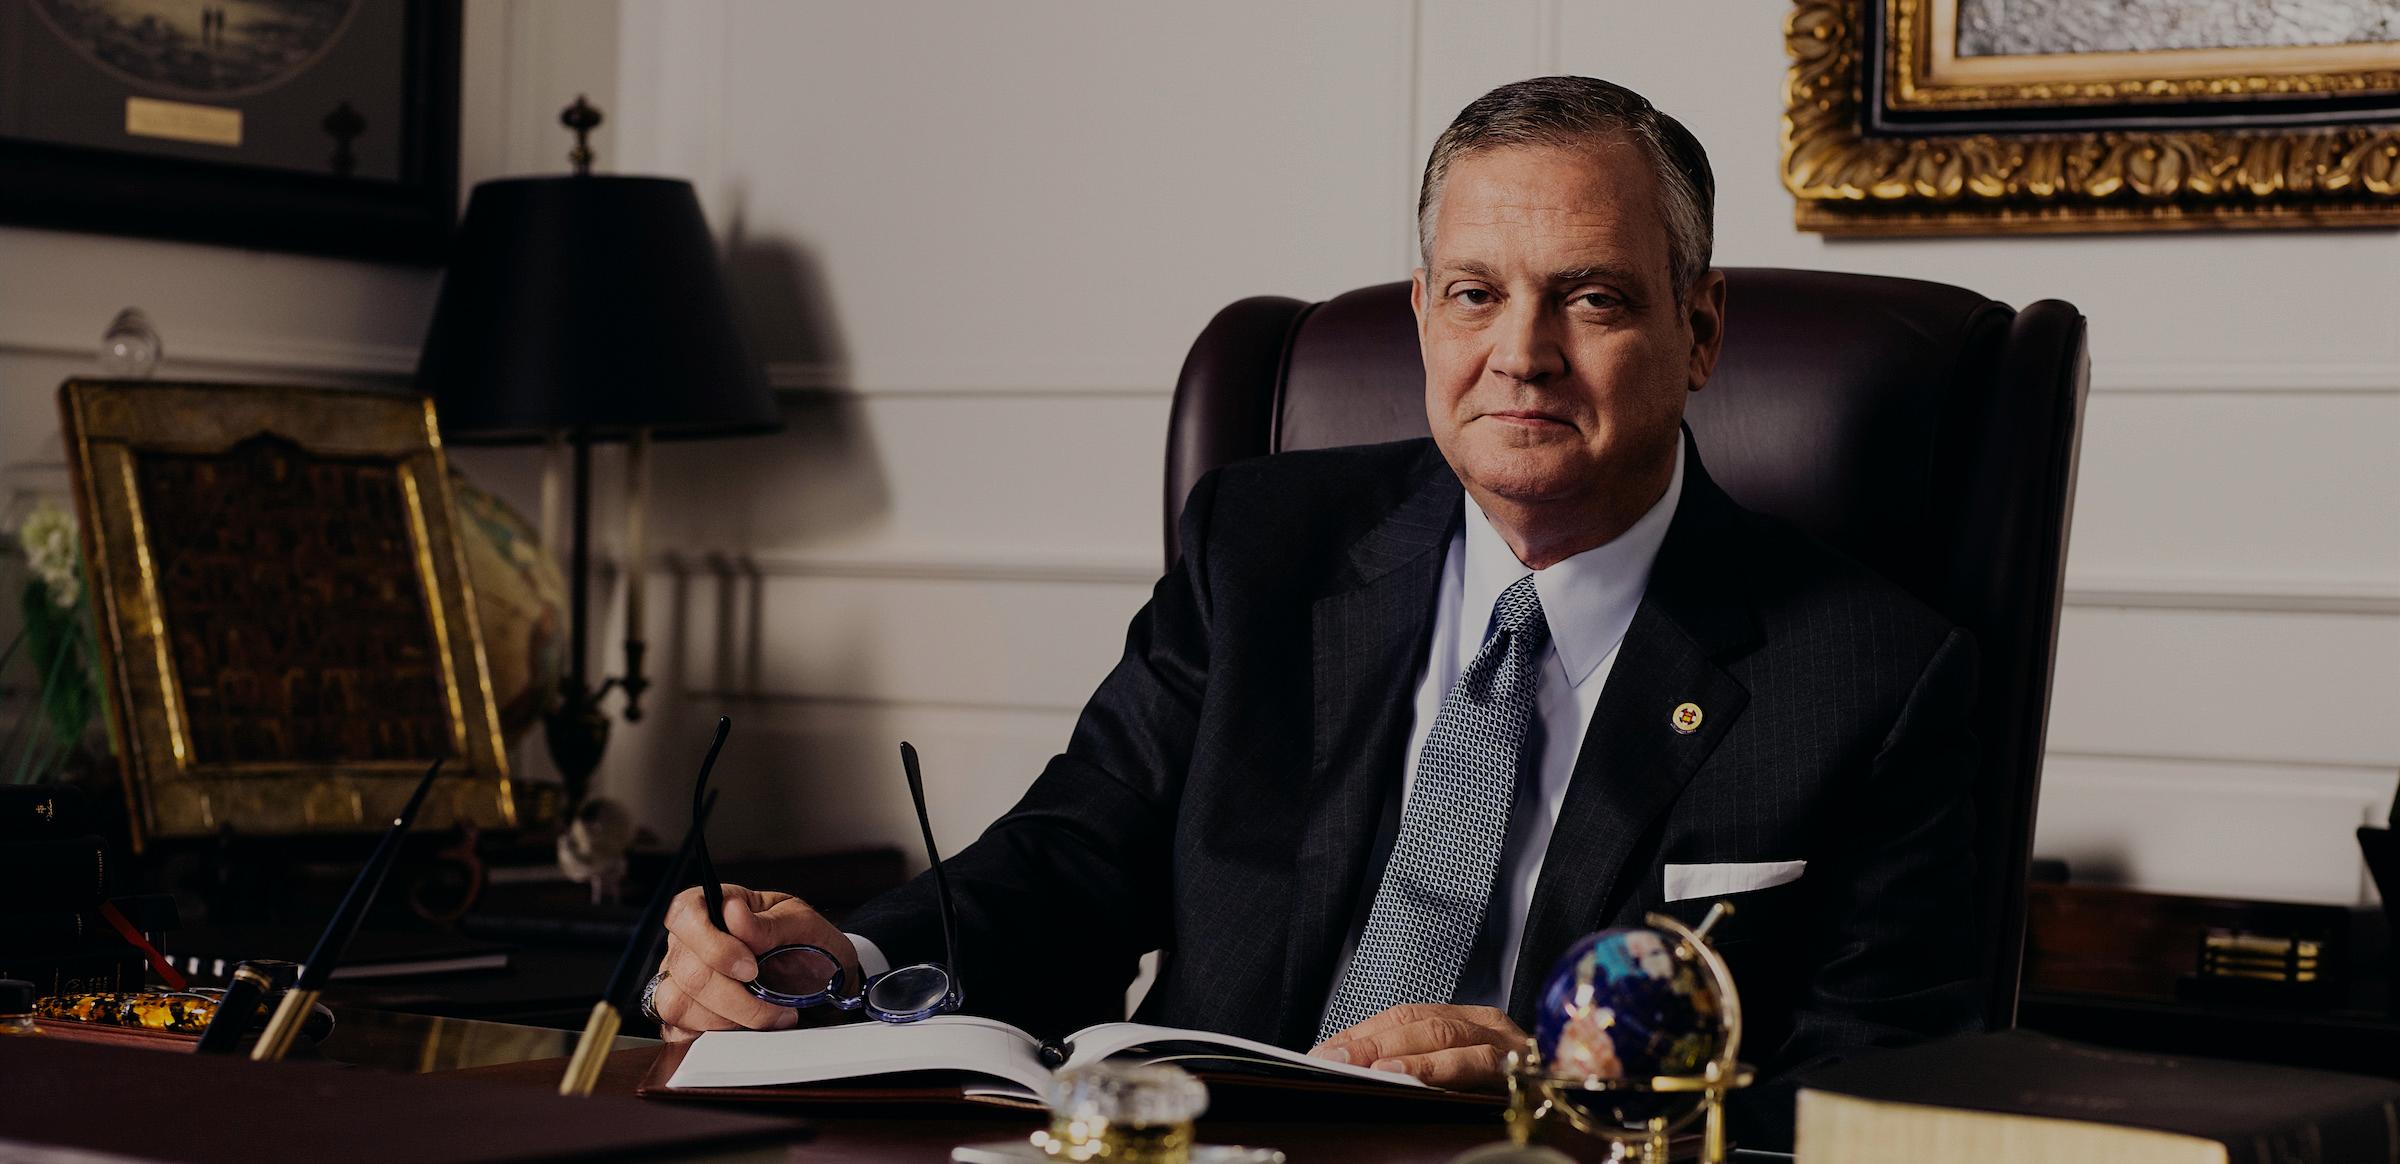 Dr. R. Albert Mohler Jr. sitting at Presidential desk